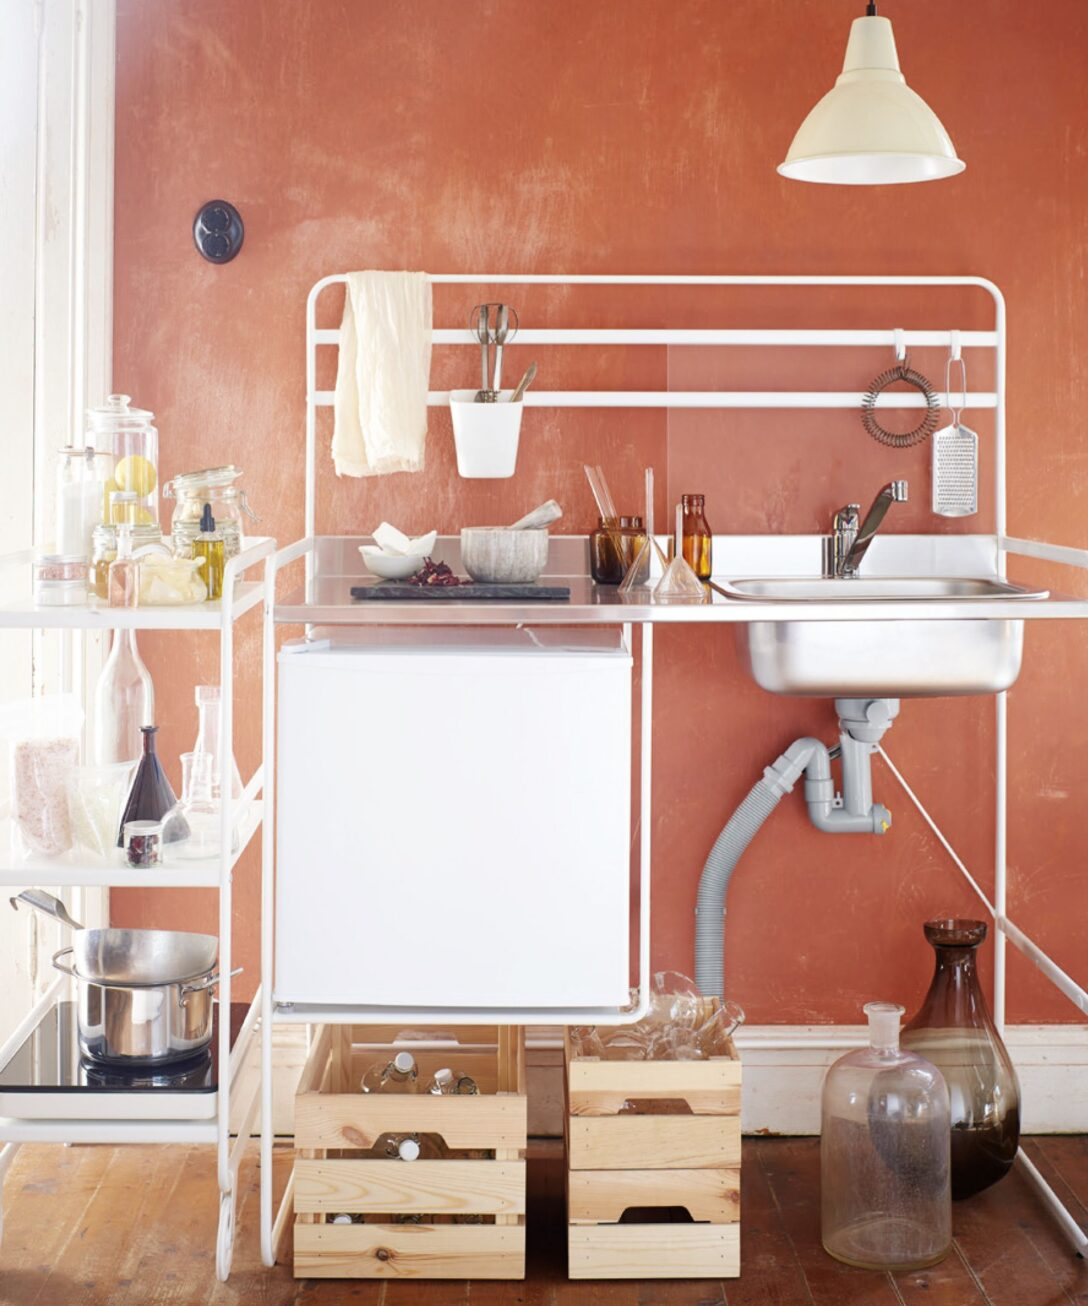 Large Size of Get An Entire Ikea Mini Kitchen For Just 112 Minikche Sofa Mit Schlaffunktion Betten 160x200 Küche Kaufen Kosten Miniküche Modulküche Bei Wohnzimmer Miniküchen Ikea